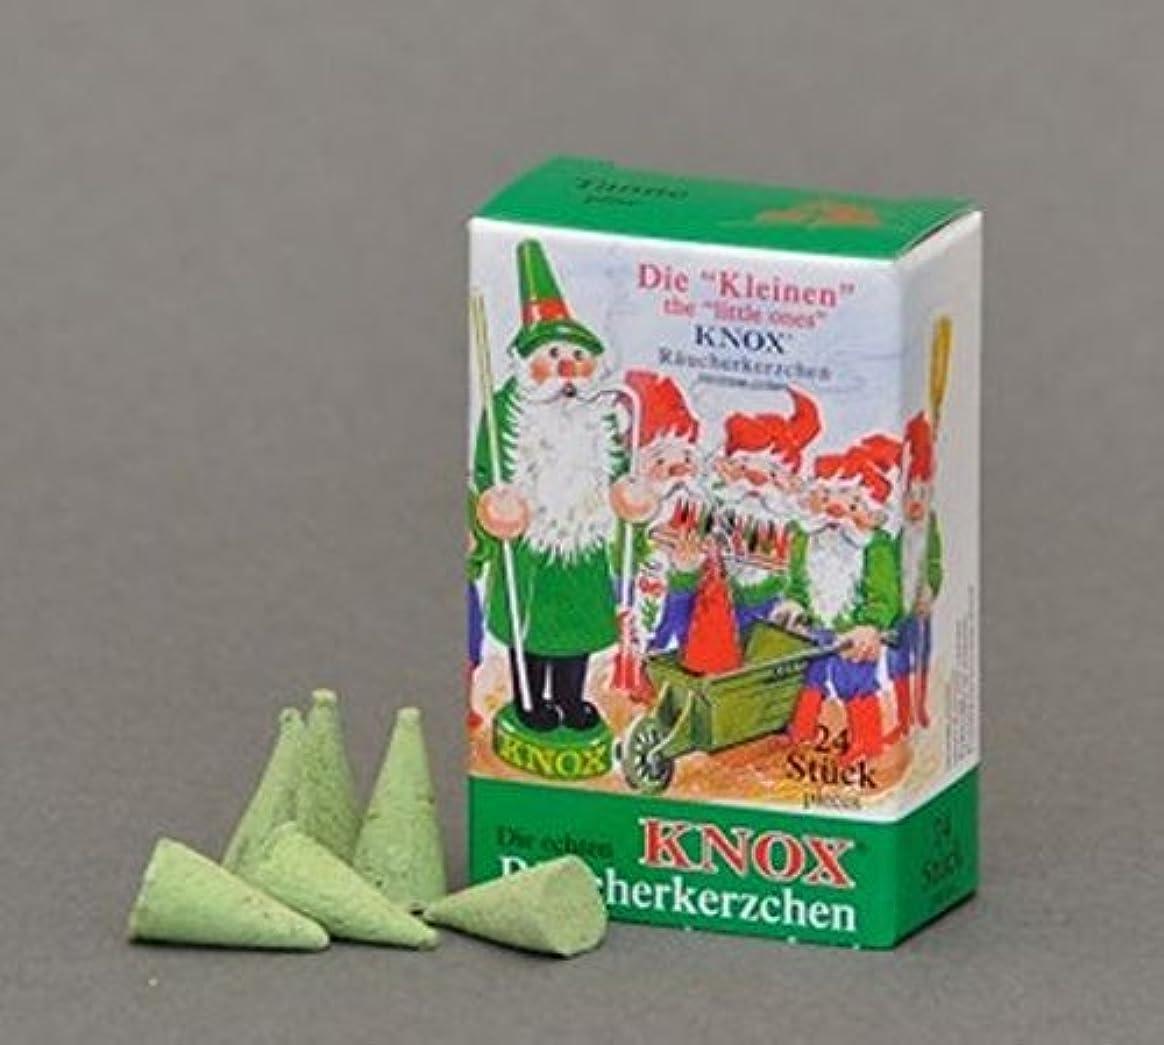 ハドルビット談話Knox(ノックス) ミニ松の香り ドイツのお香コーン ドイツ製 クリスマスのスモーカー